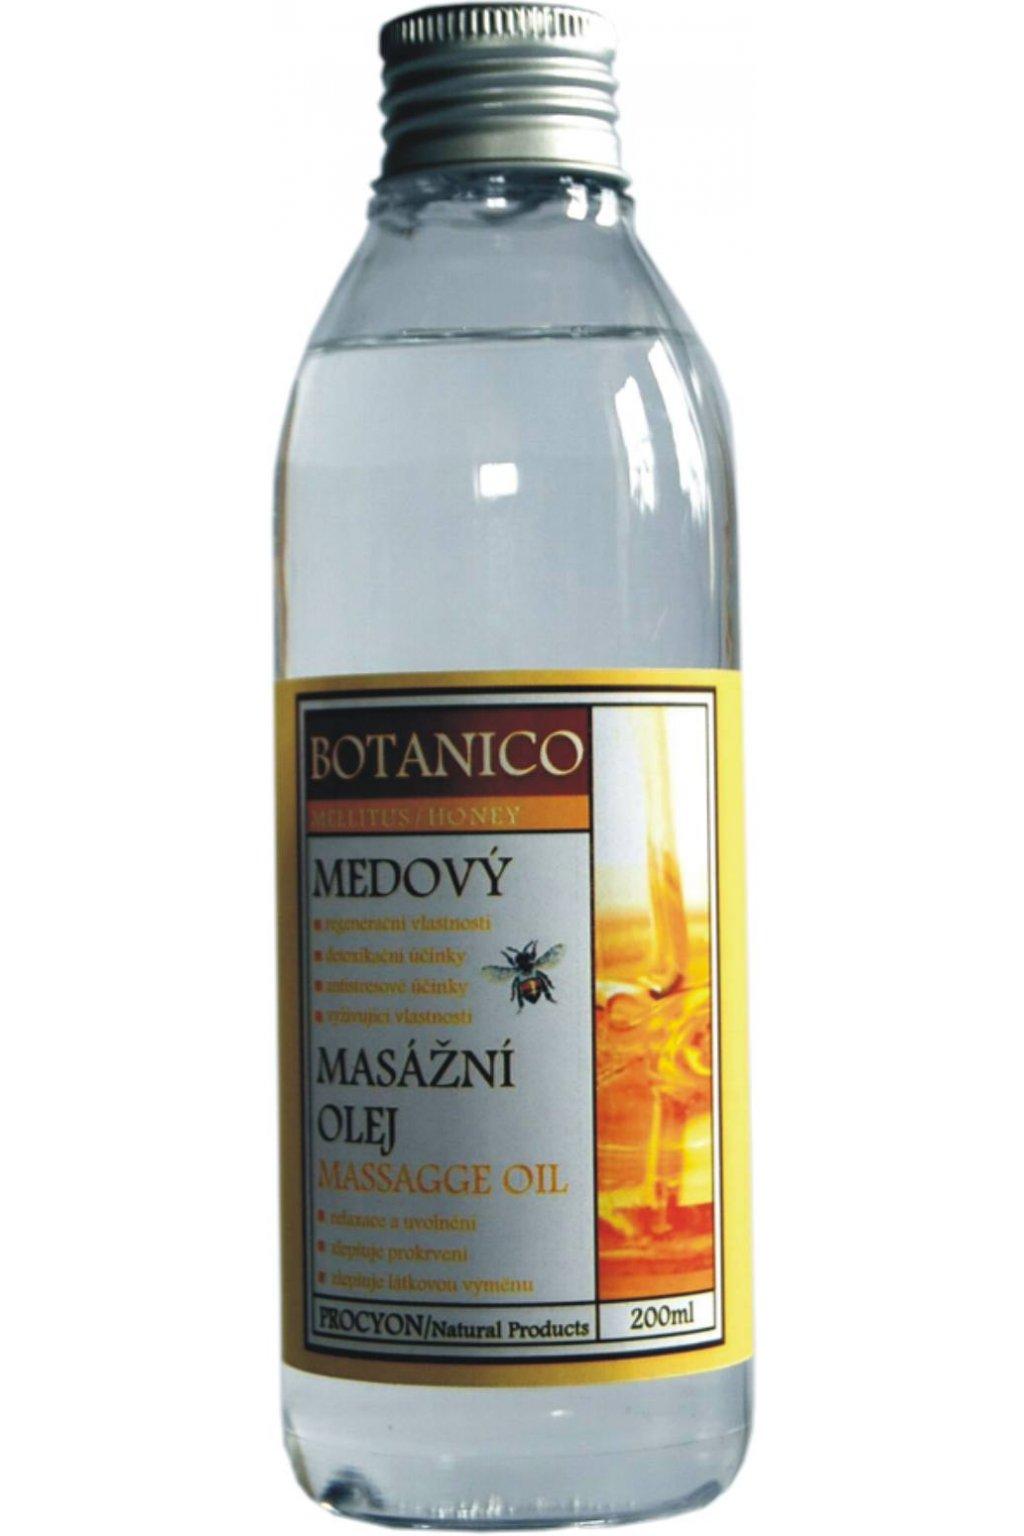 Botanico - Masážní olej - Medový - 200ml